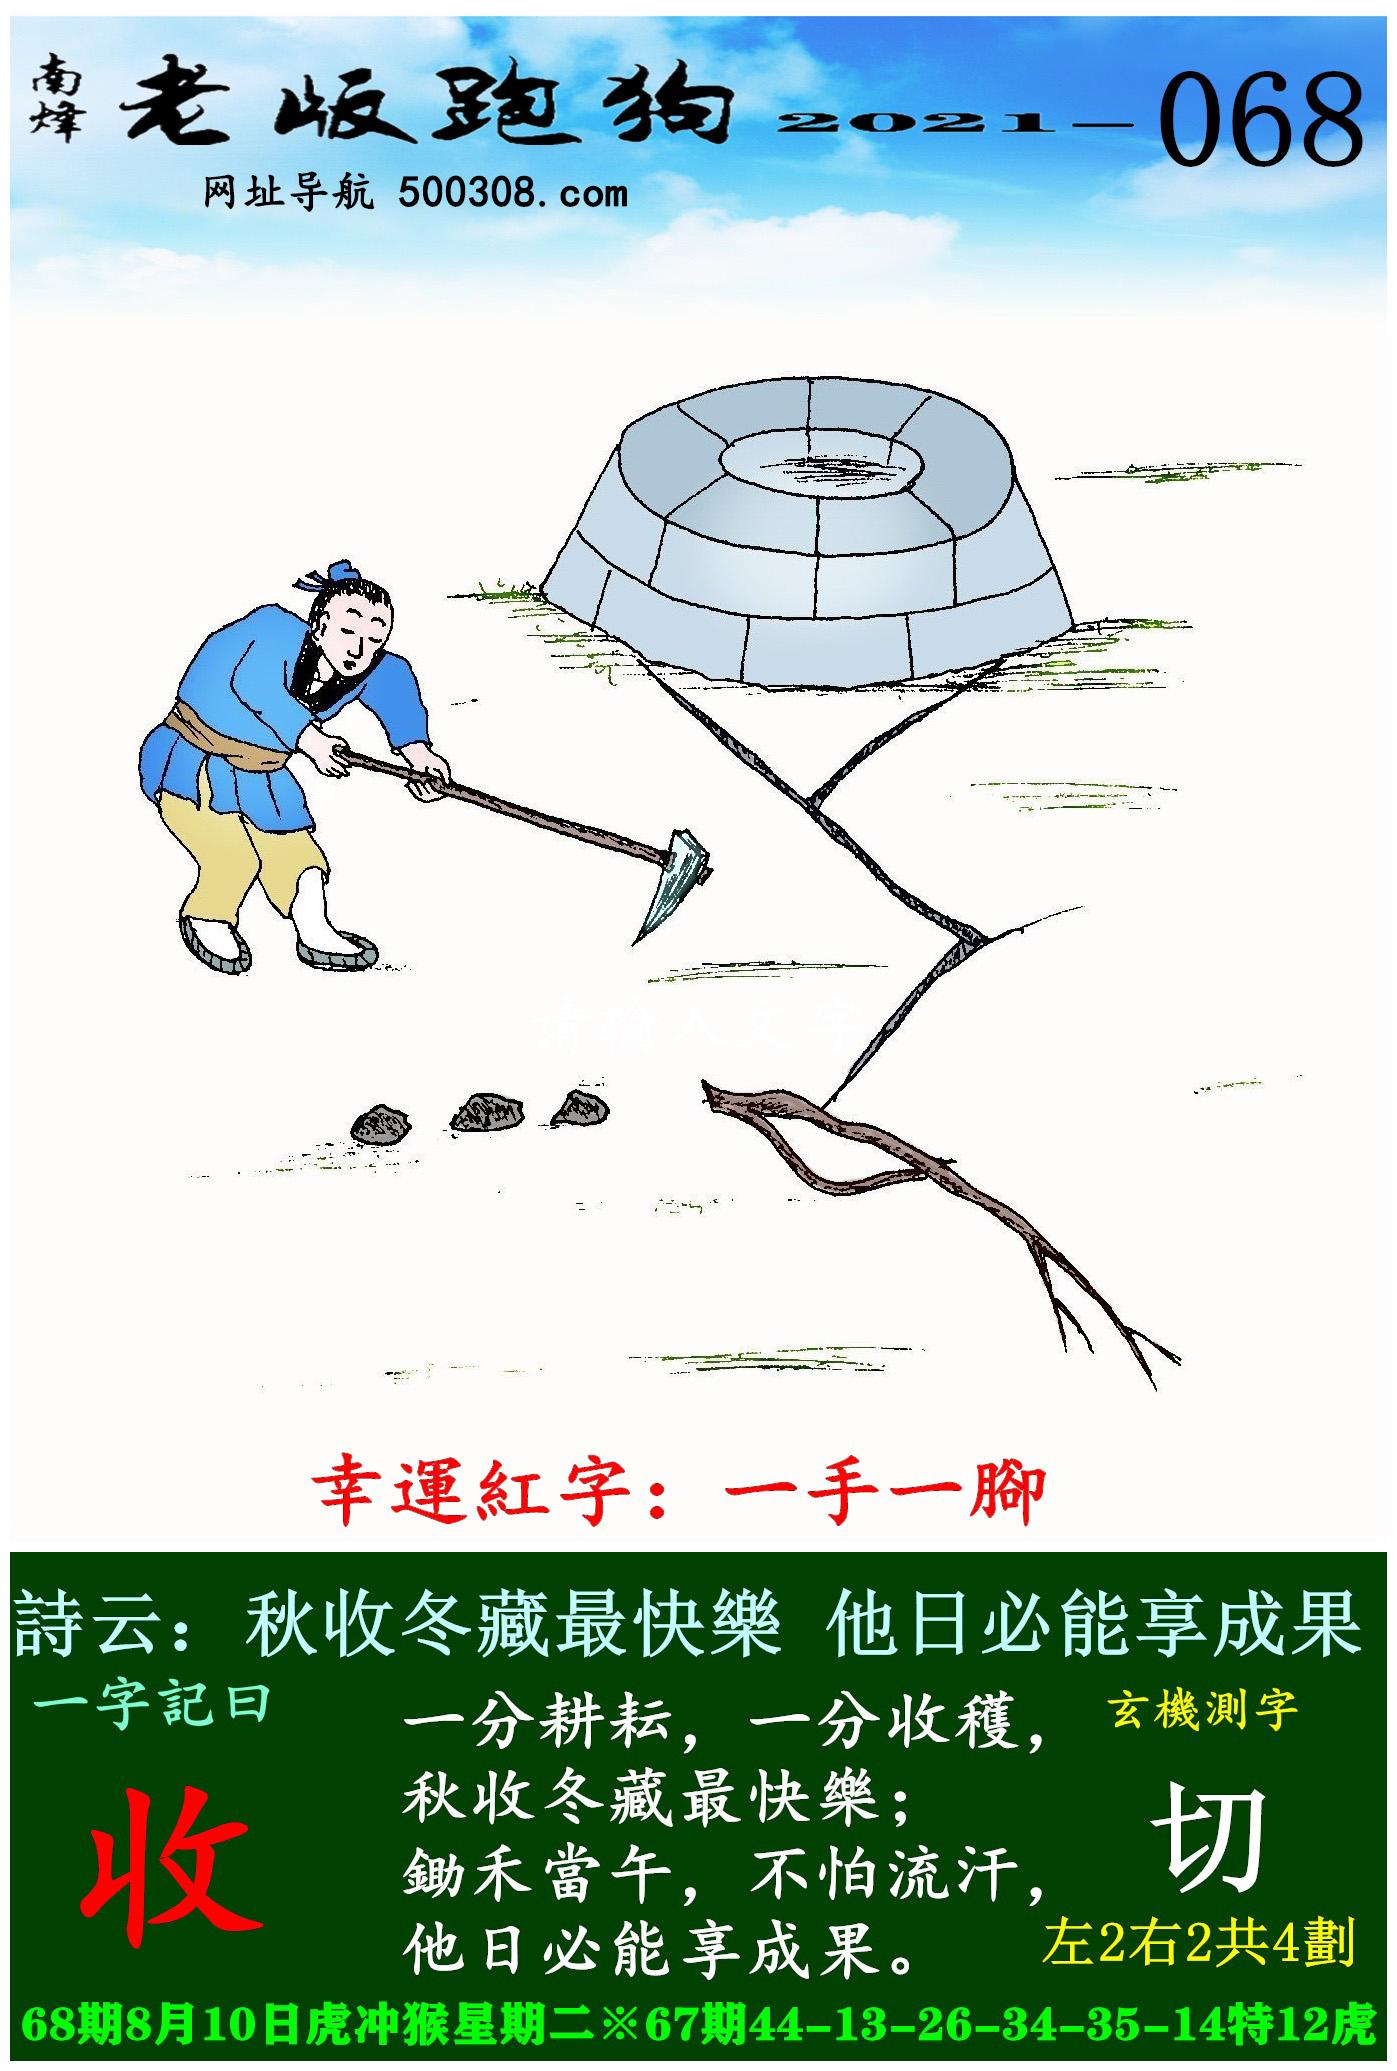 068期老版跑狗一字�之曰:【收】 ��:秋收冬藏最快�罚�他日必能享成果。